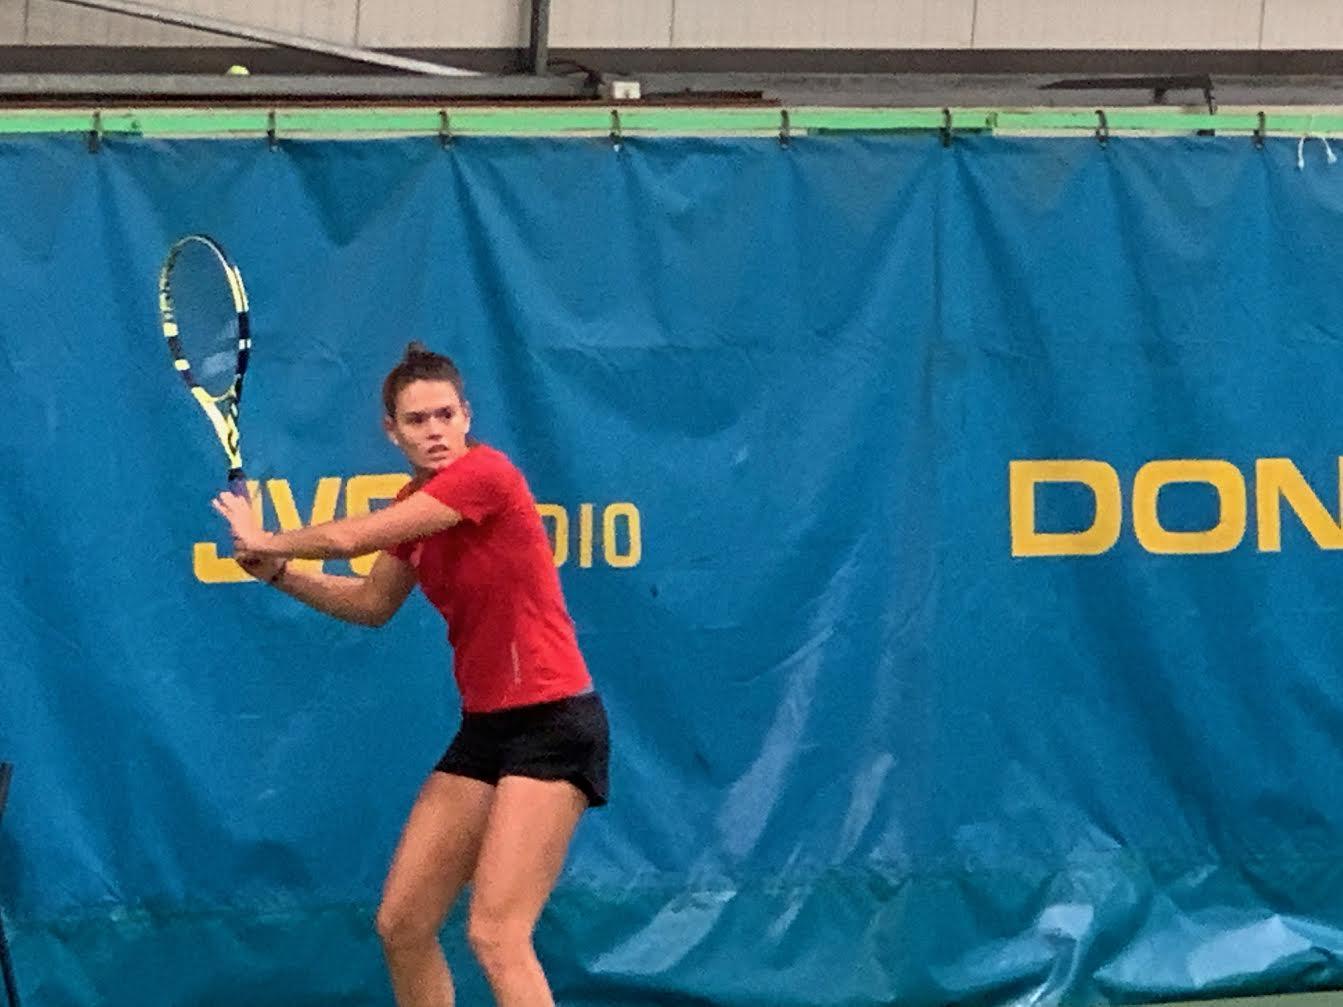 Play Tennis est heureux d'officialiser l'arrivée de Chloé Paquet 146eme joueuse mondiale, 6e française)